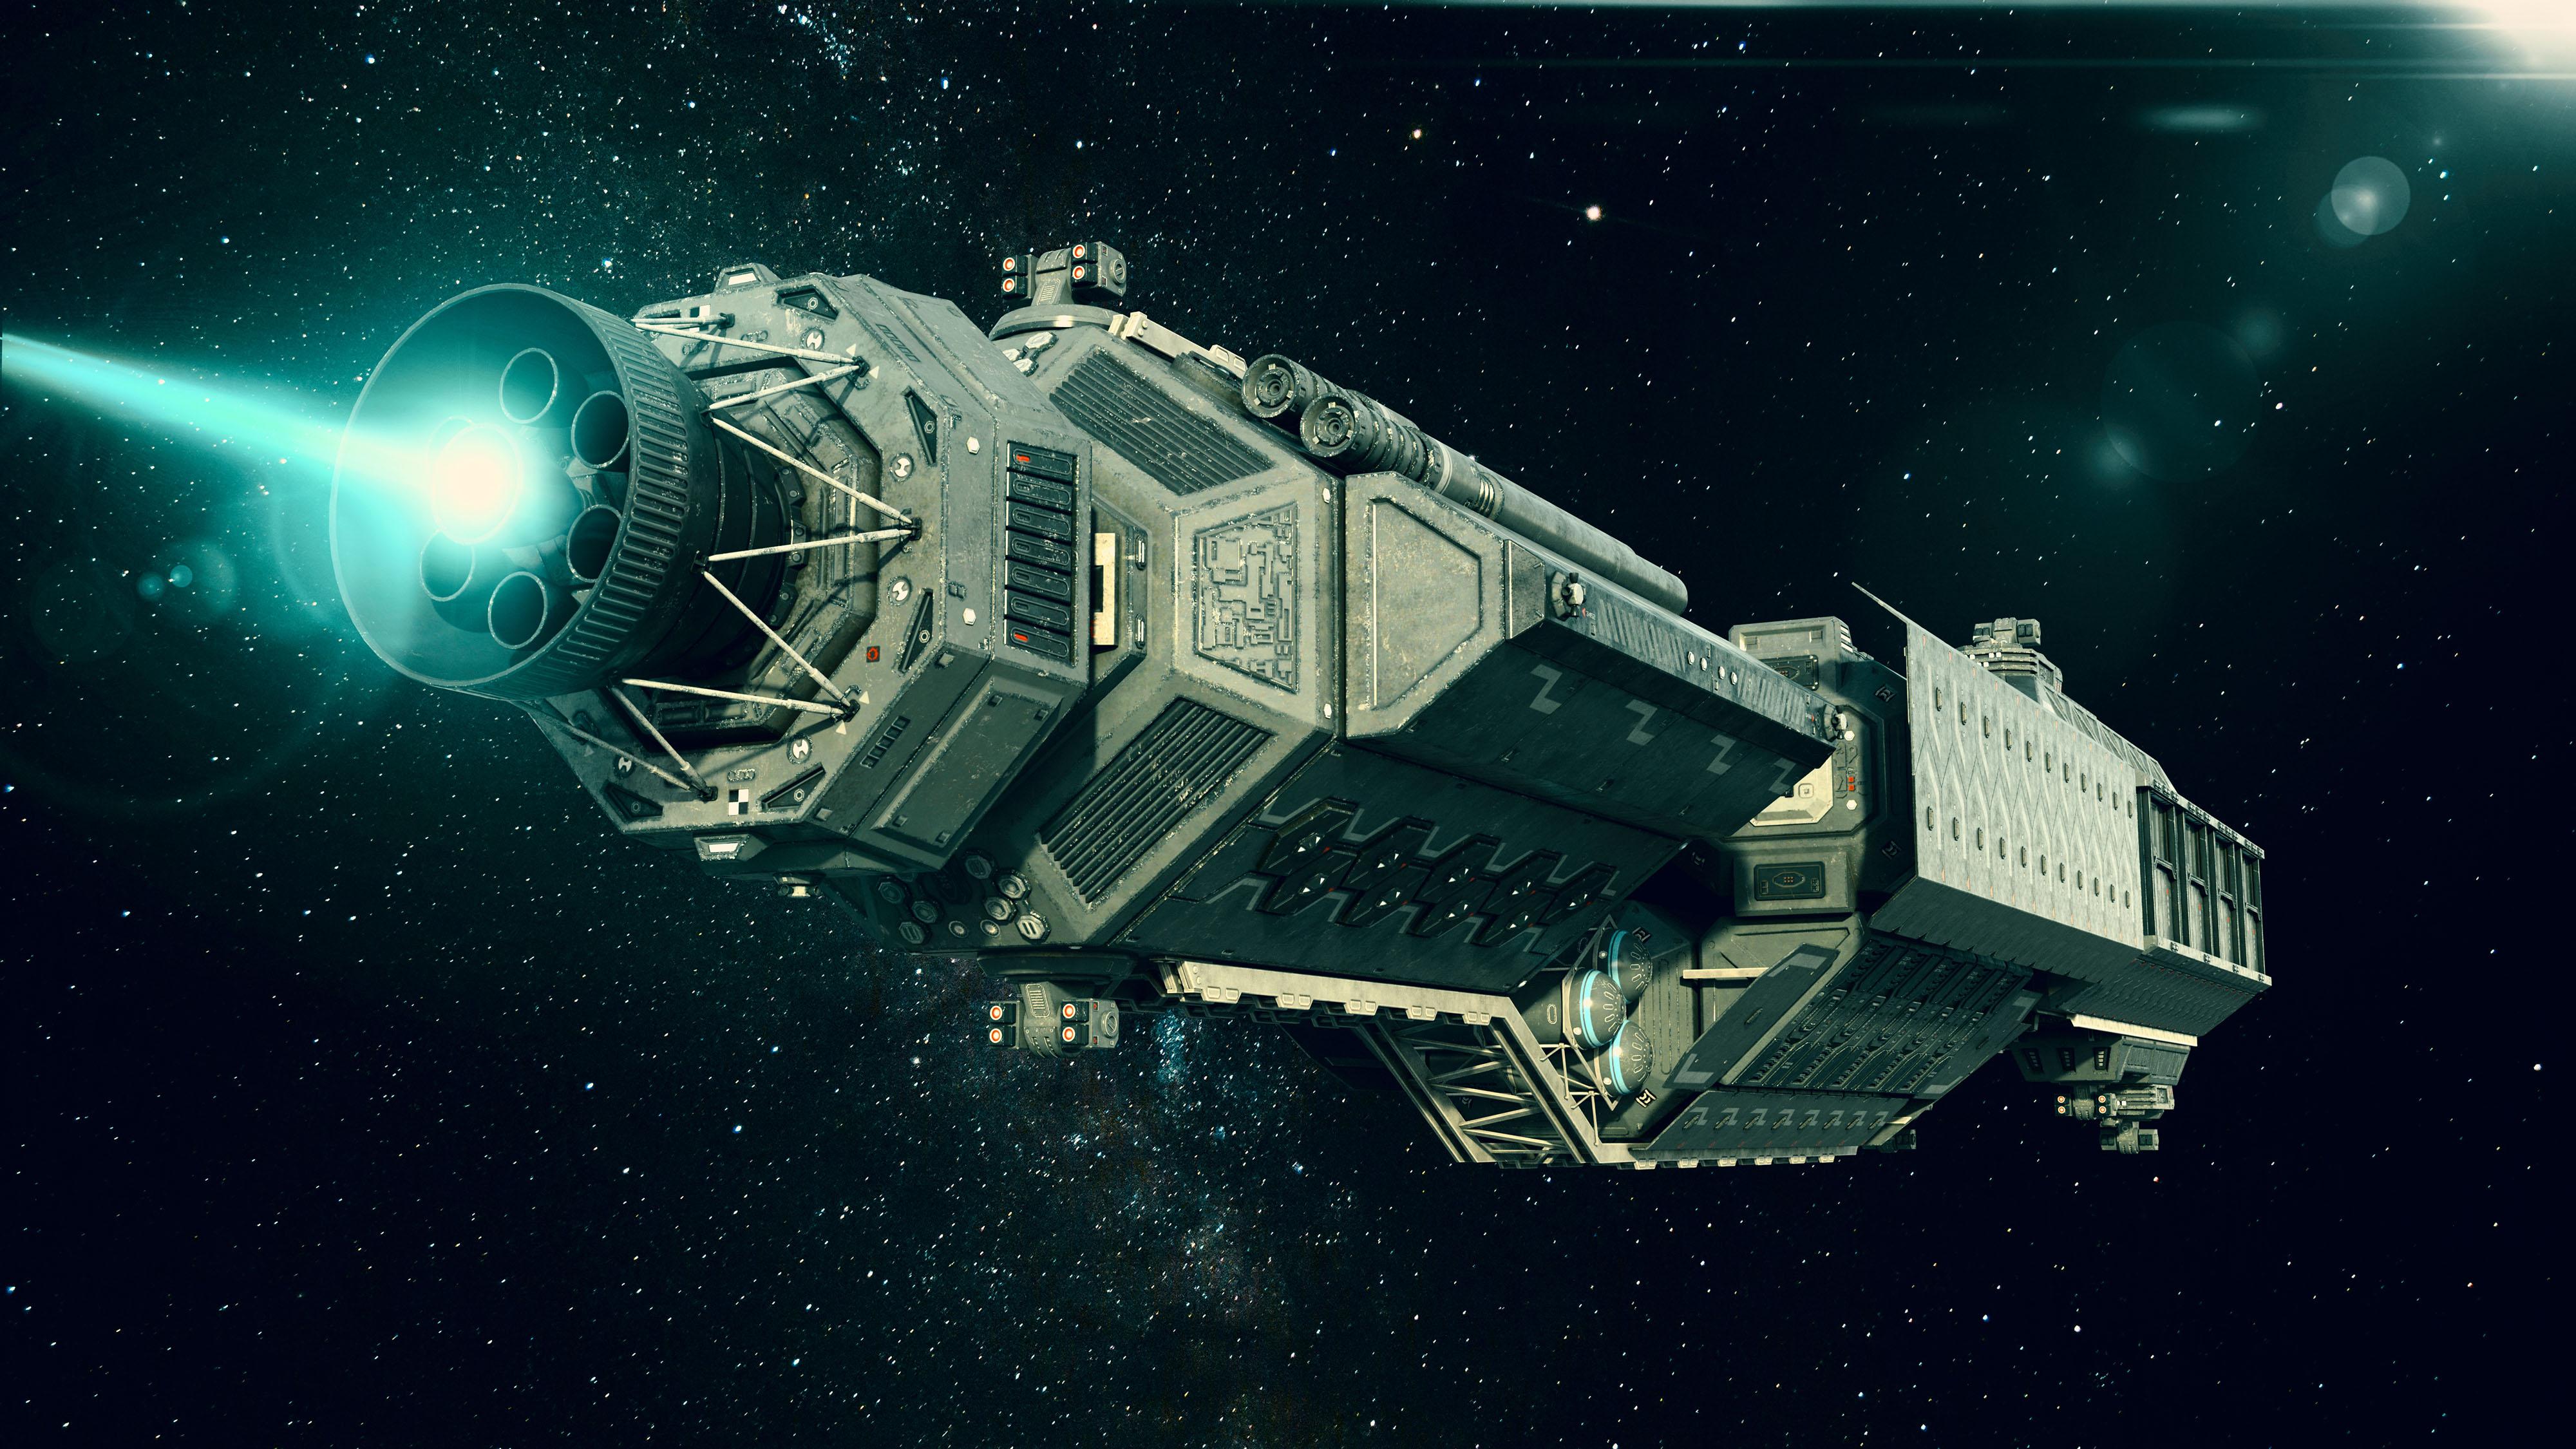 Nave espacial no espaço profundo1-editado